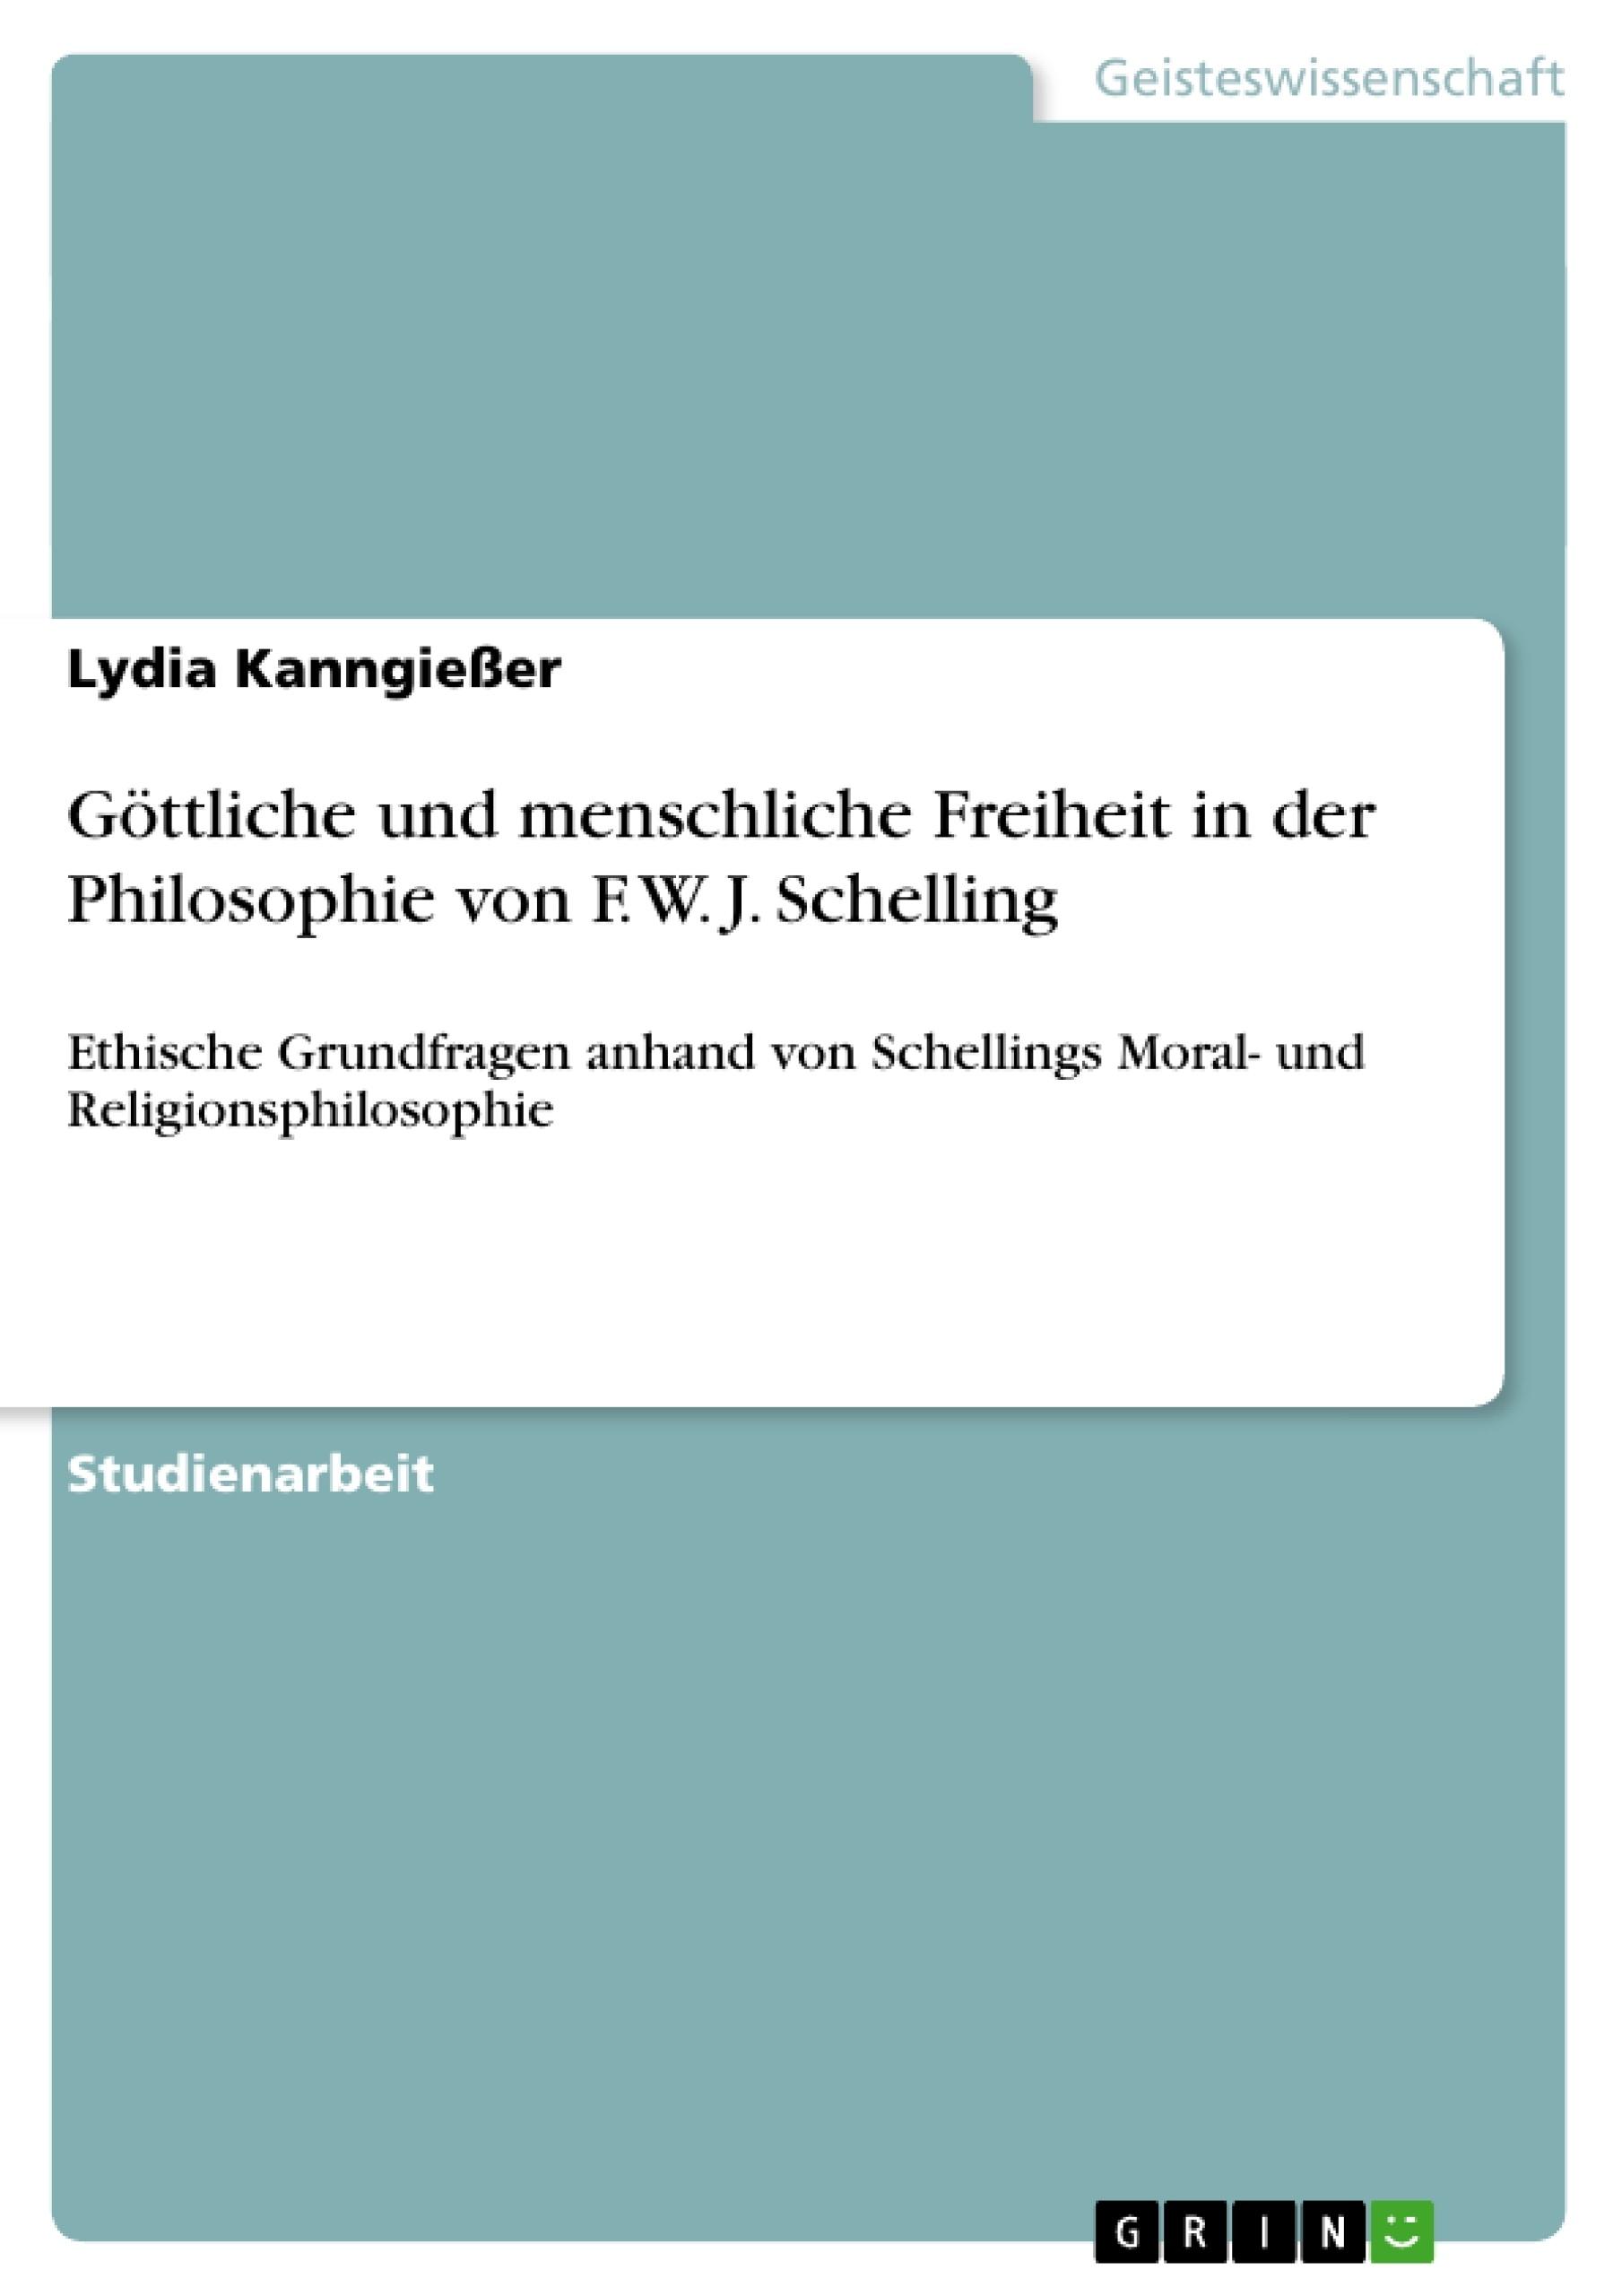 Titel: Göttliche und menschliche Freiheit in der Philosophie von   F. W. J. Schelling